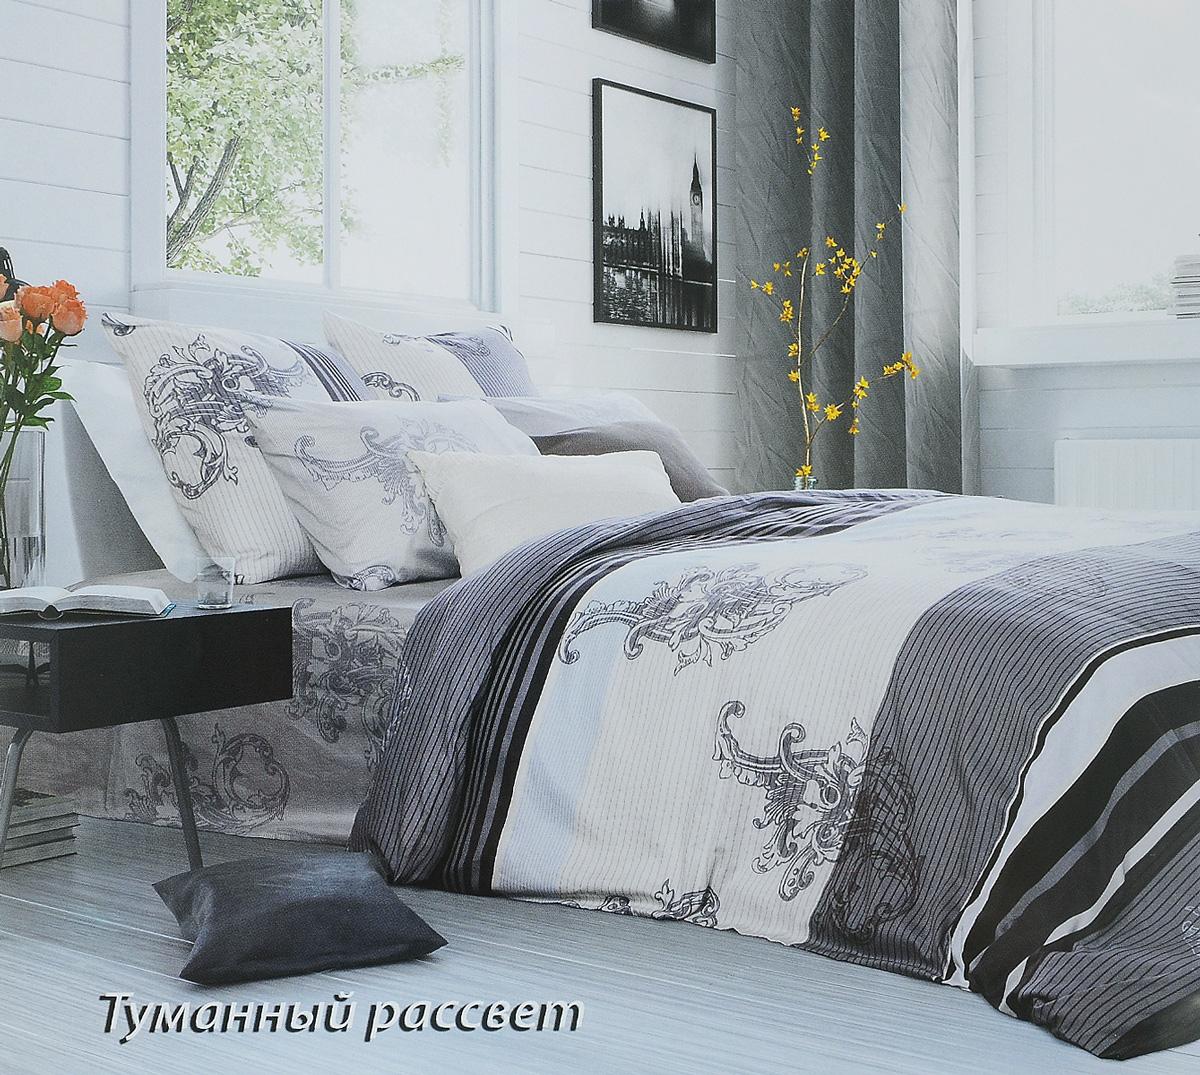 Комплект белья Tiffanys Secret Туманный рассвет, евро, наволочки 50х70, цвет: серый, белый2040115978Комплект постельного белья Tiffanys Secret Туманный рассвет является экологически безопасным для всей семьи, так как выполнен из сатина (100% хлопок). Комплект состоит из пододеяльника, простыни и двух наволочек. Предметы комплекта оформлены оригинальным рисунком.Благодаря такому комплекту постельного белья вы сможете создать атмосферу уюта и комфорта в вашей спальне.Сатин - это ткань, навсегда покорившая сердца человечества. Ценившие роскошь персы называли ее атлас, а искушенные в прекрасном французы - сатин. Секрет высококачественного сатина в безупречности всего технологического процесса. Эту благородную ткань делают только из отборной натуральной пряжи, которую получают из самого лучшего тонковолокнистого хлопка. Благодаря использованию самой тонкой хлопковой нити получается необычайно мягкое и нежное полотно. Сатиновое постельное белье превращает жаркие летние ночи в прохладные и освежающие, а холодные зимние - в теплые и согревающие. Сатин очень приятен на ощупь, постельное белье из него долговечно, выдерживает более 300 стирок, и лишь спустя долгое время материал начинает немного тускнеть. Оцените все достоинства постельного белья из сатина, выбирая самое лучшее для себя!